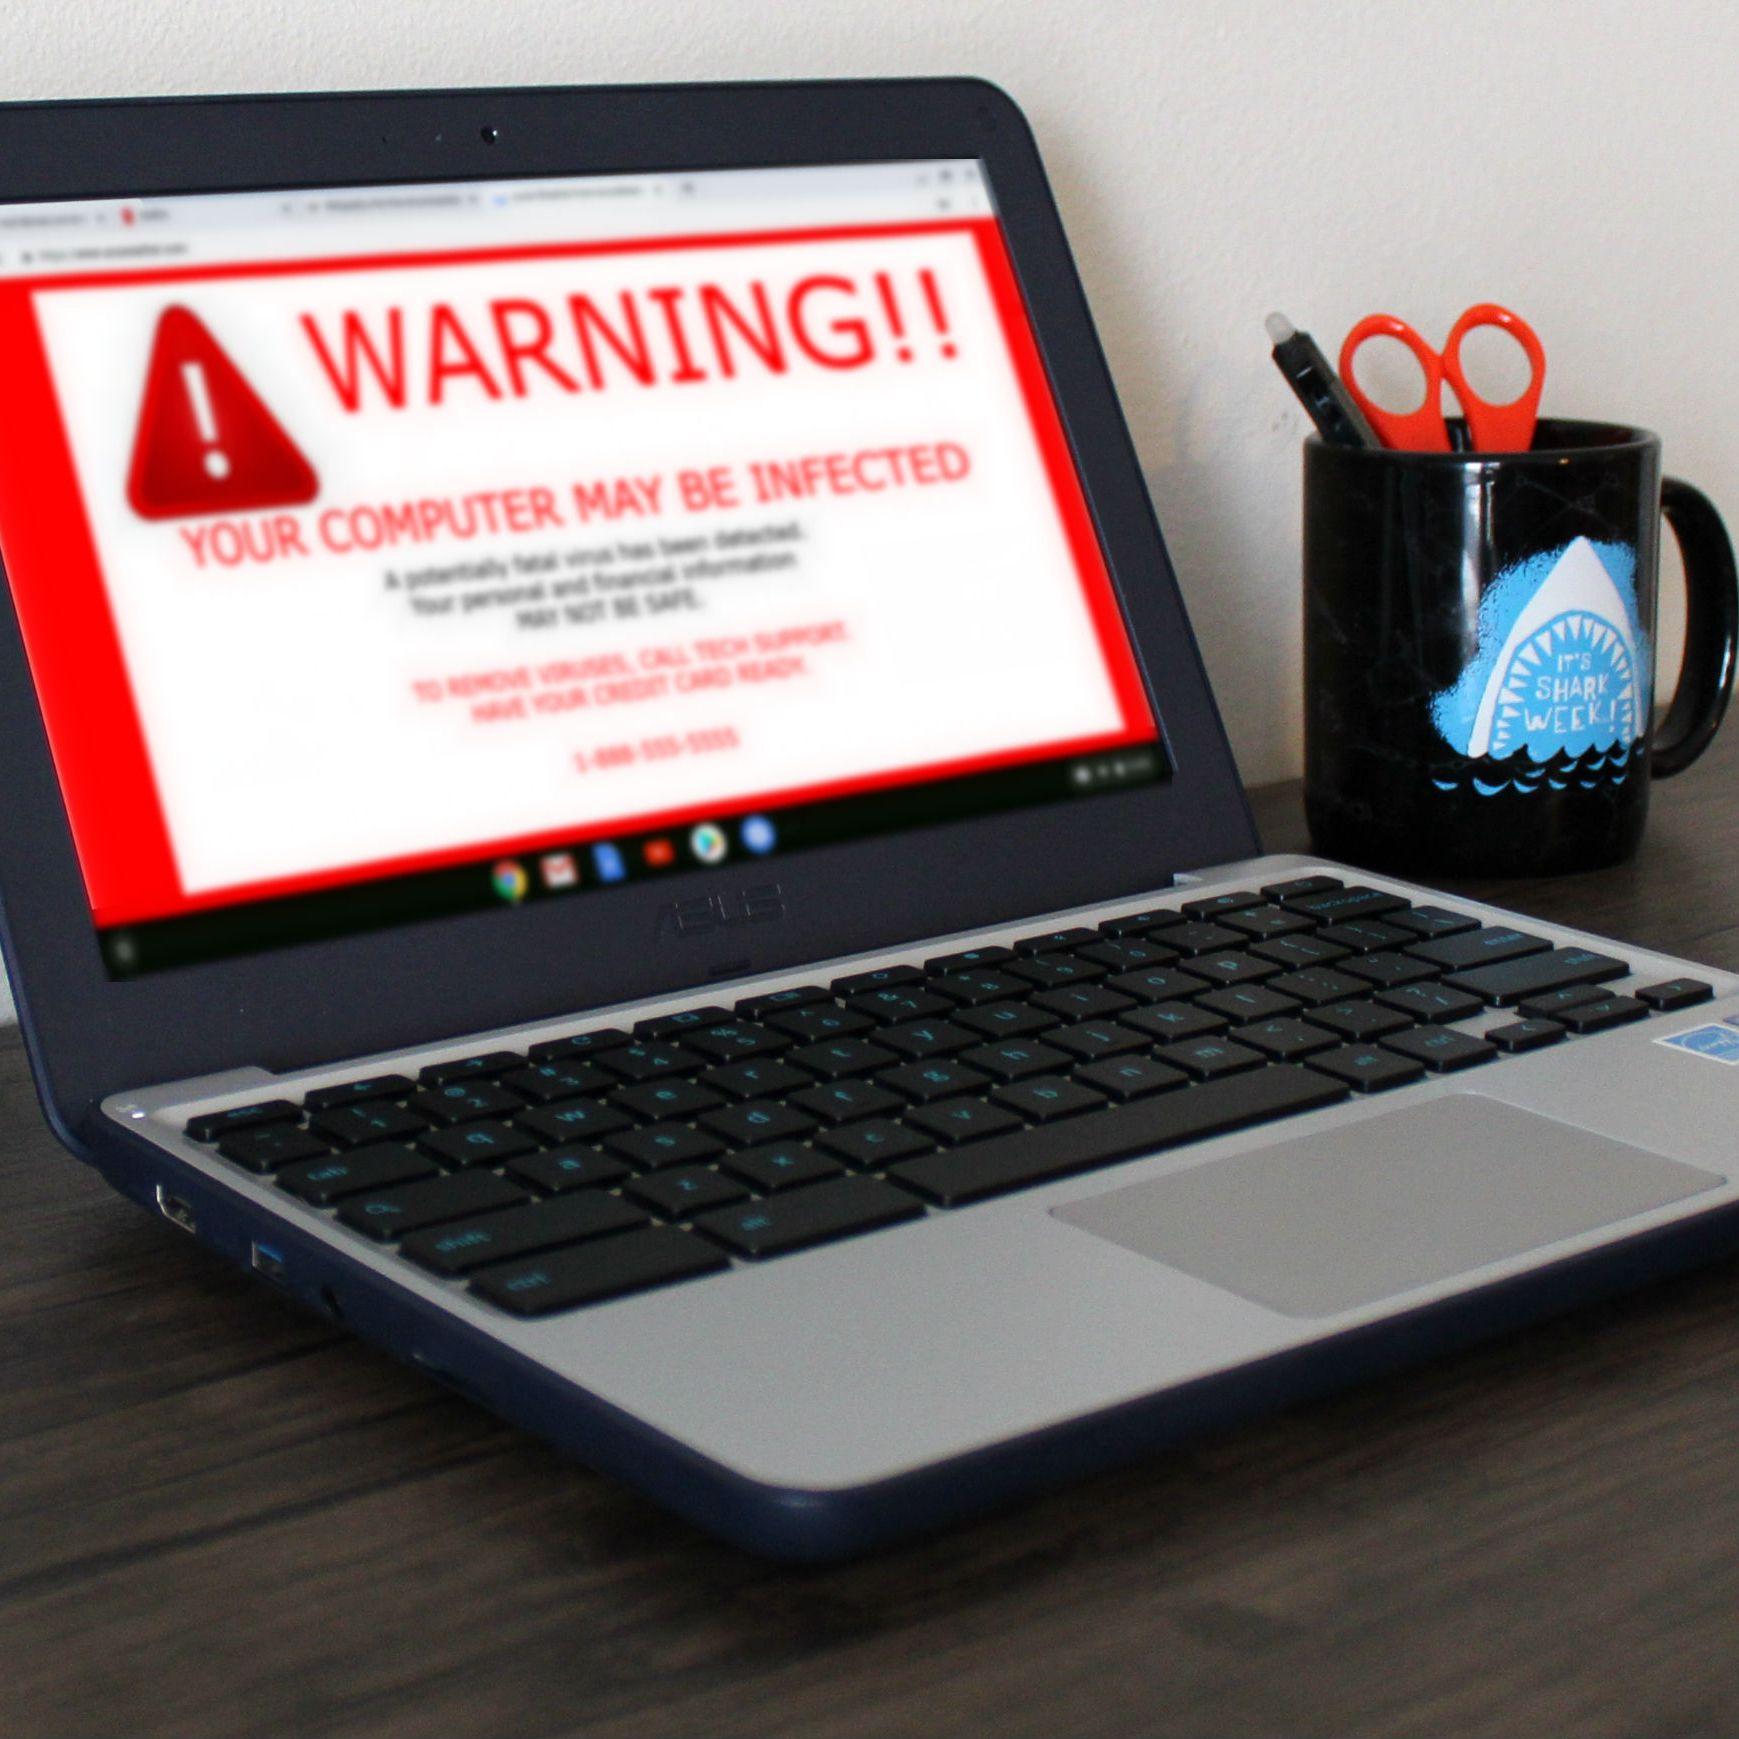 Can Chromebooks Get Viruses?